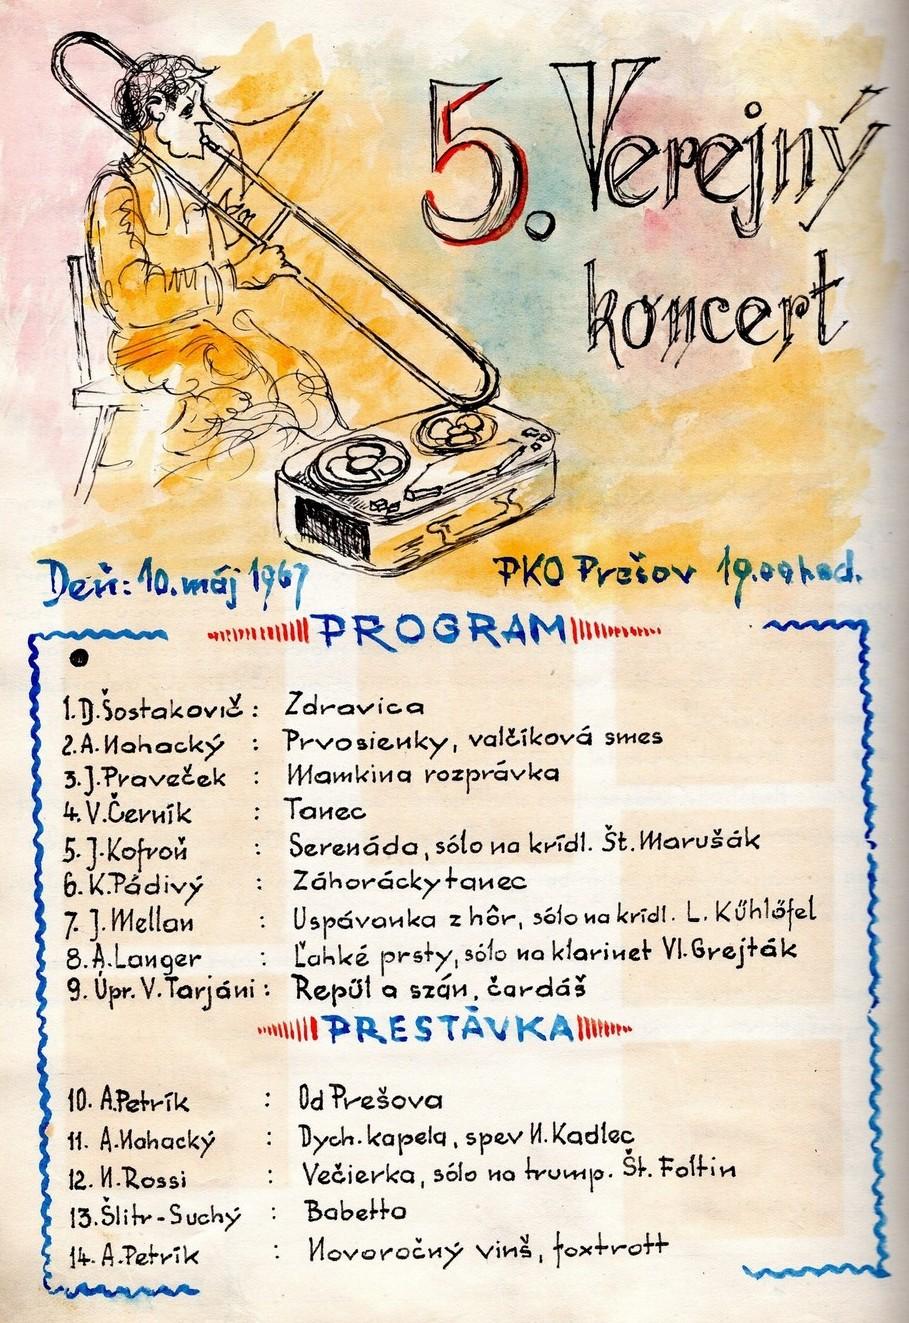 Program 5. verejného koncertu MDO ODPaM Prešov (PKO Prešov 10.máj 1967)